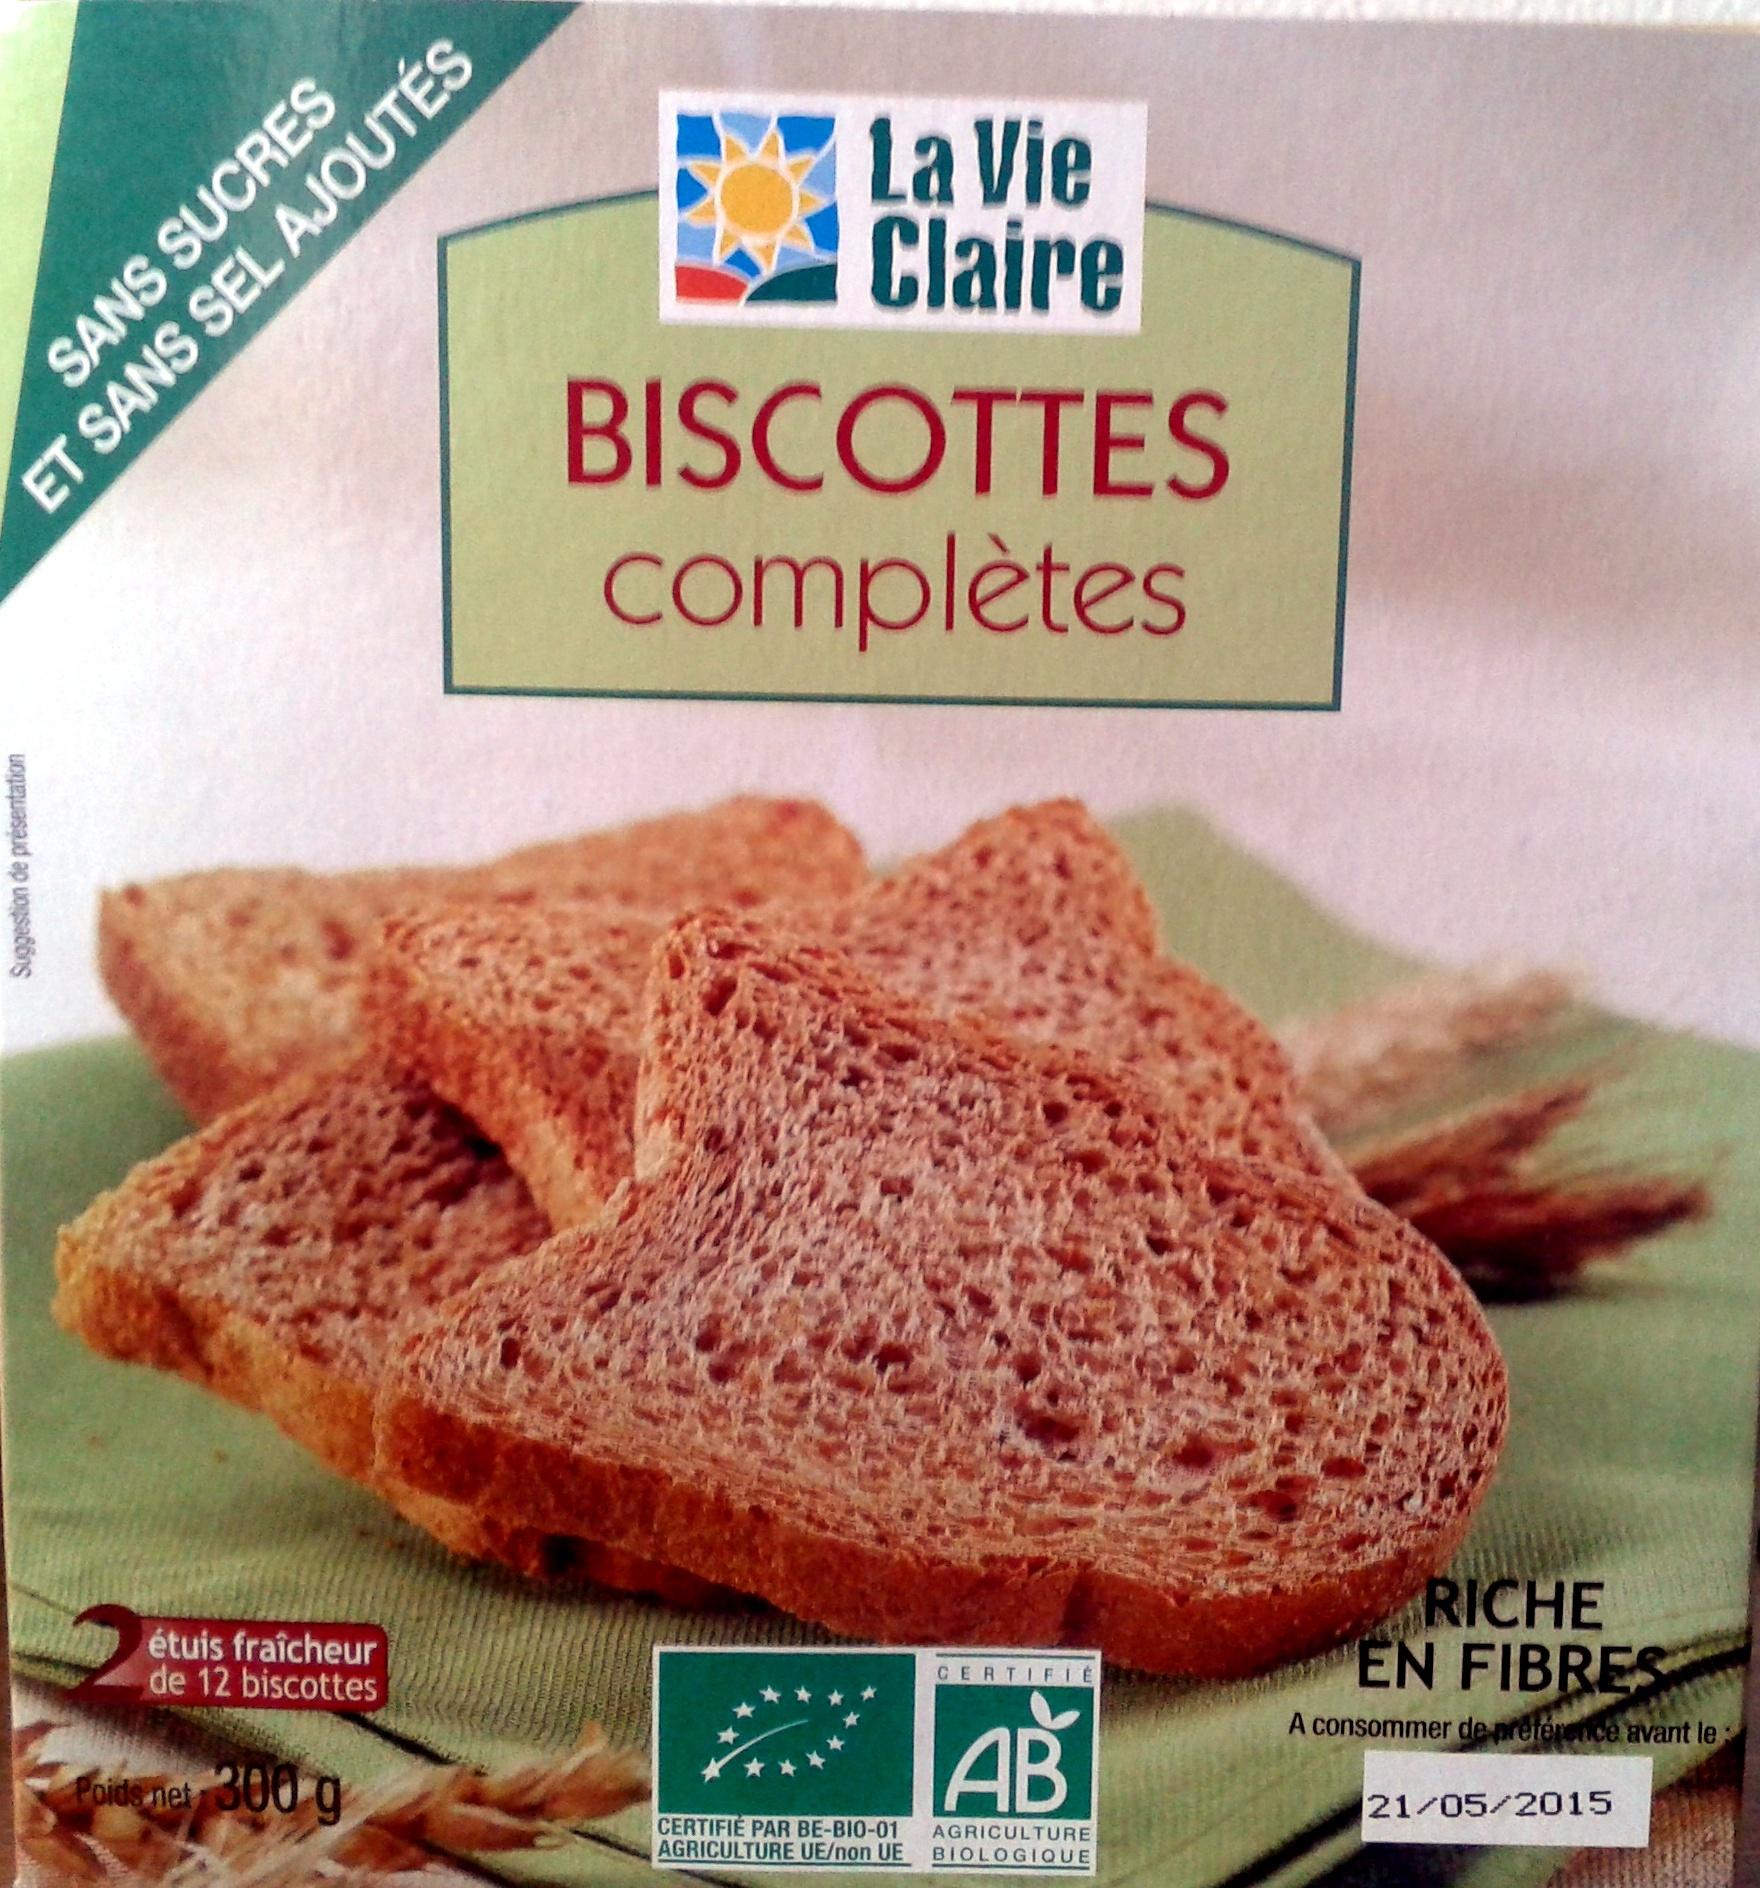 Biscottes complètes sans sucres et sans sel ajoutés - Produit - fr